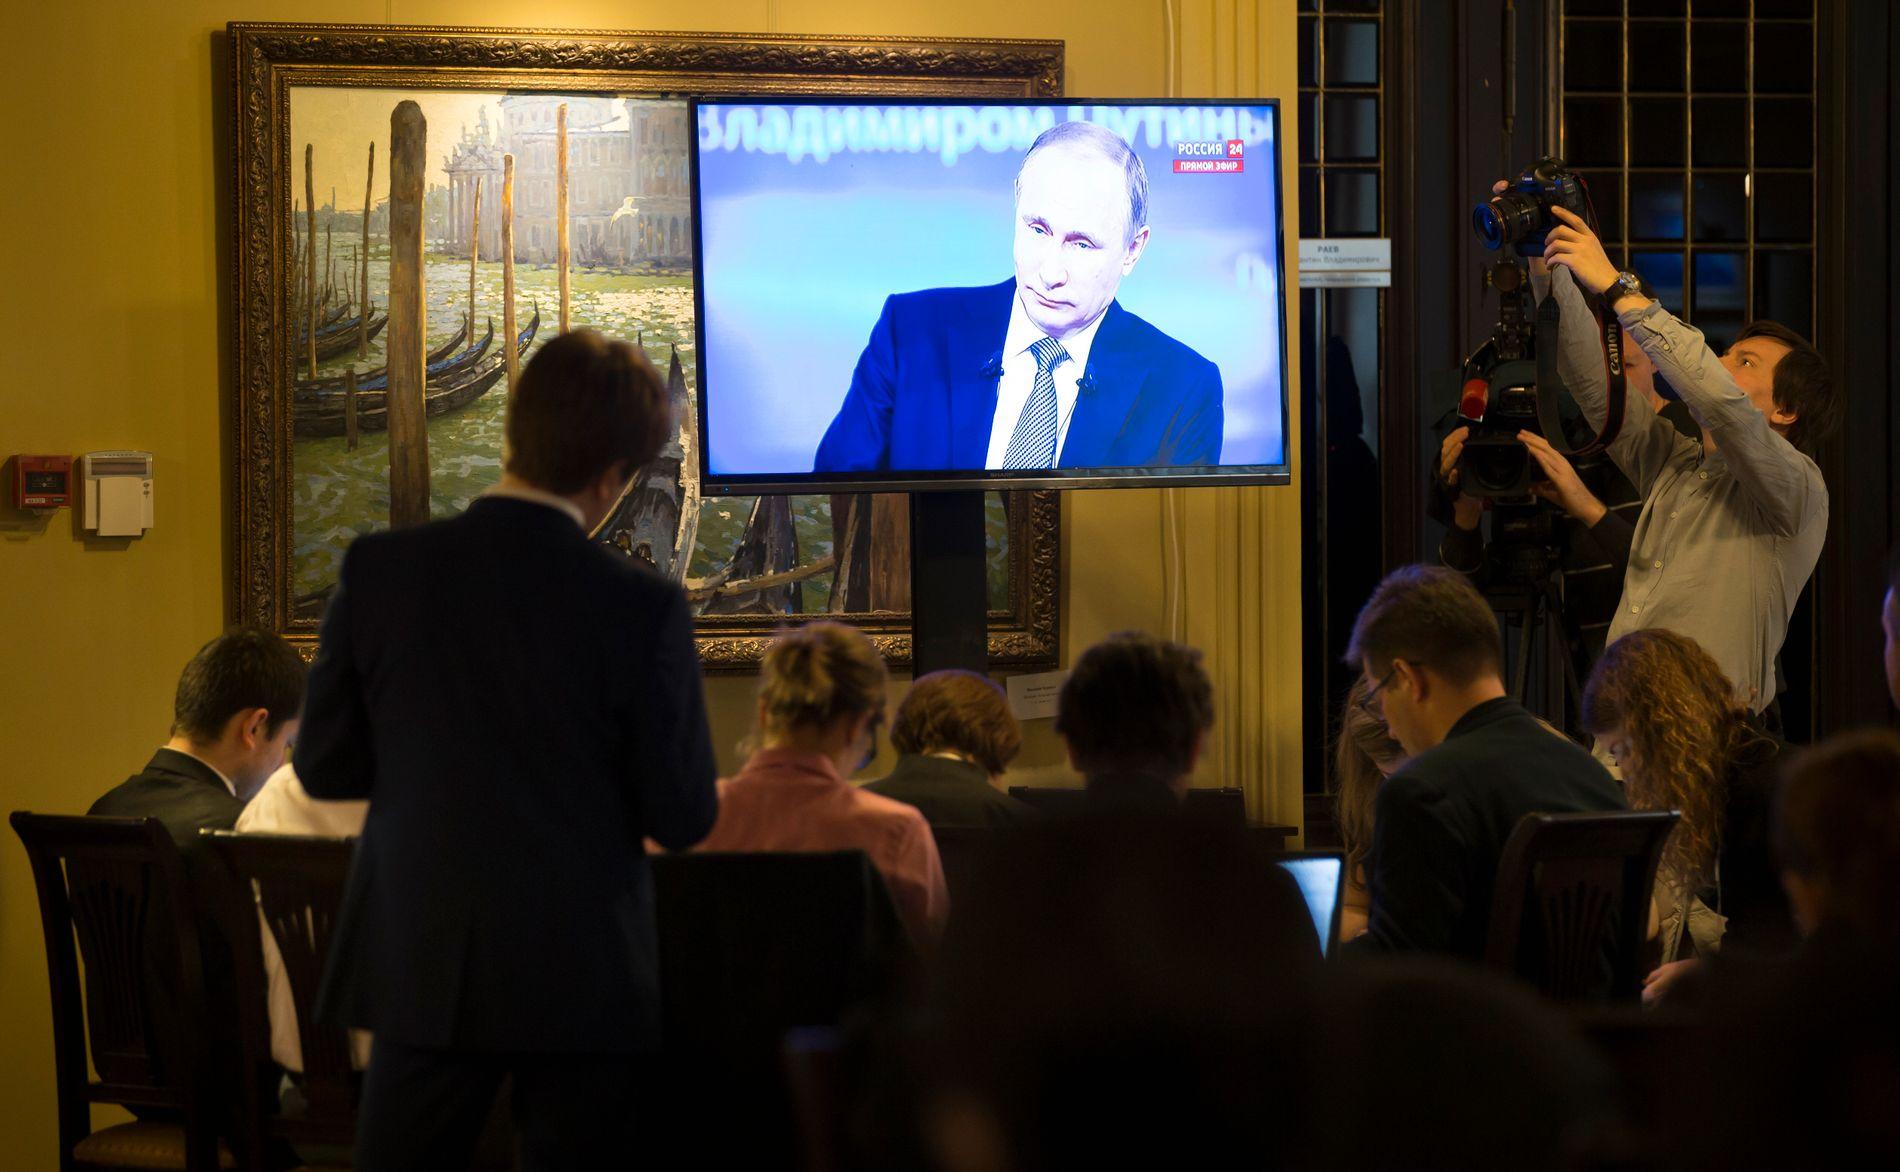 NOTERER: Journalister i Moskva ser på TV mens den russiske presidenten Vladimir Putin snakker under sin årlige innringningsseanse.